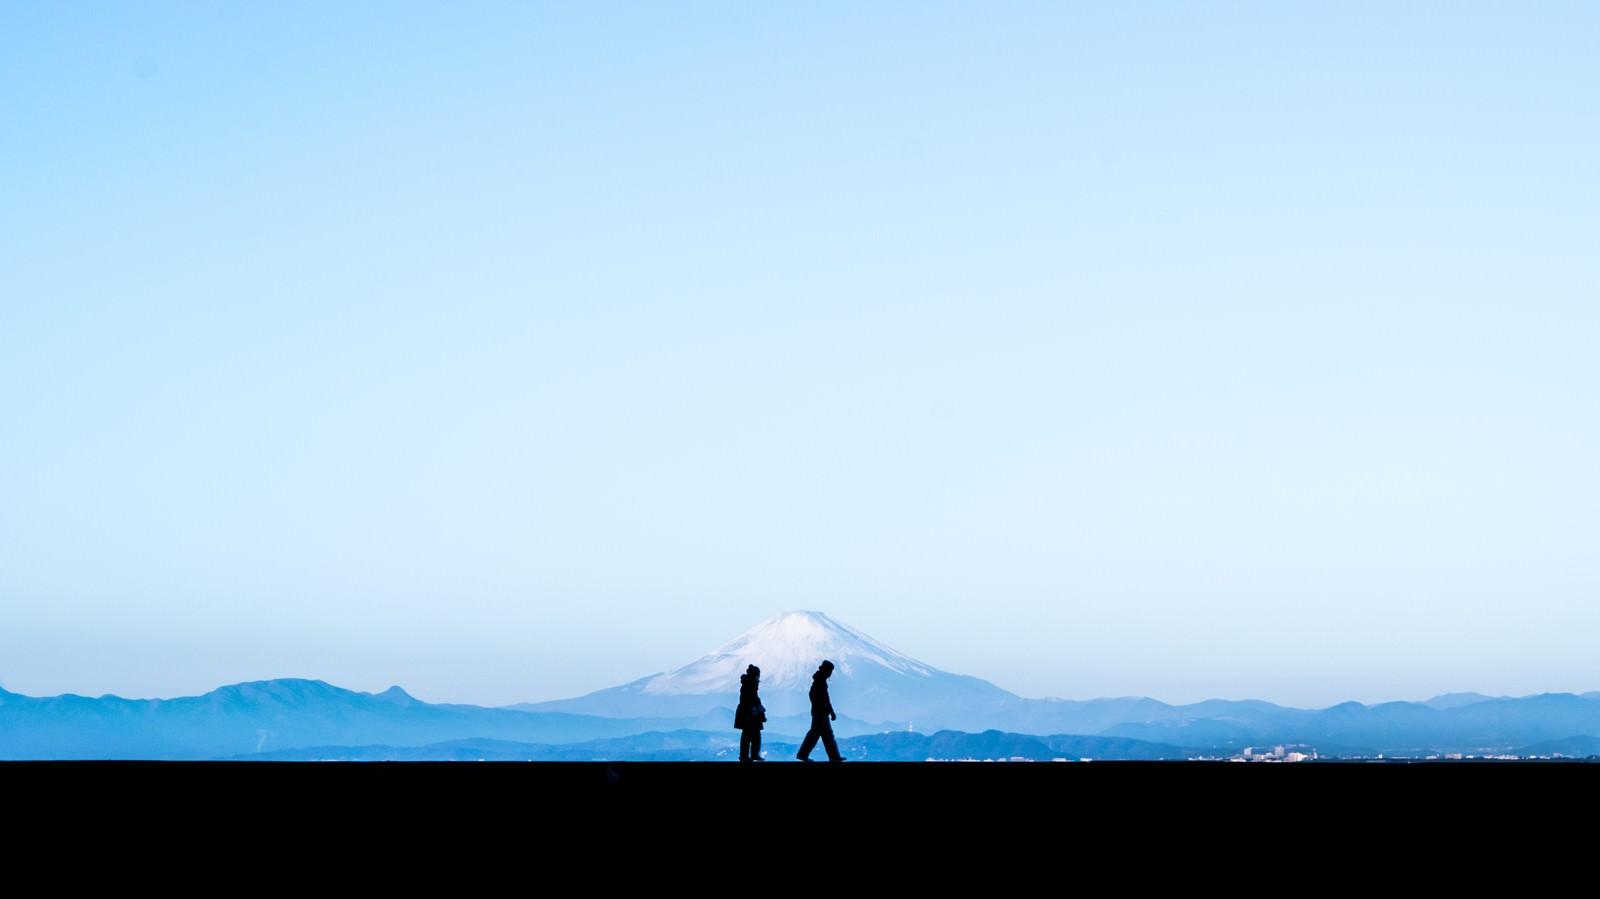 「富士山を見ながら散歩する恋人のシルエット」